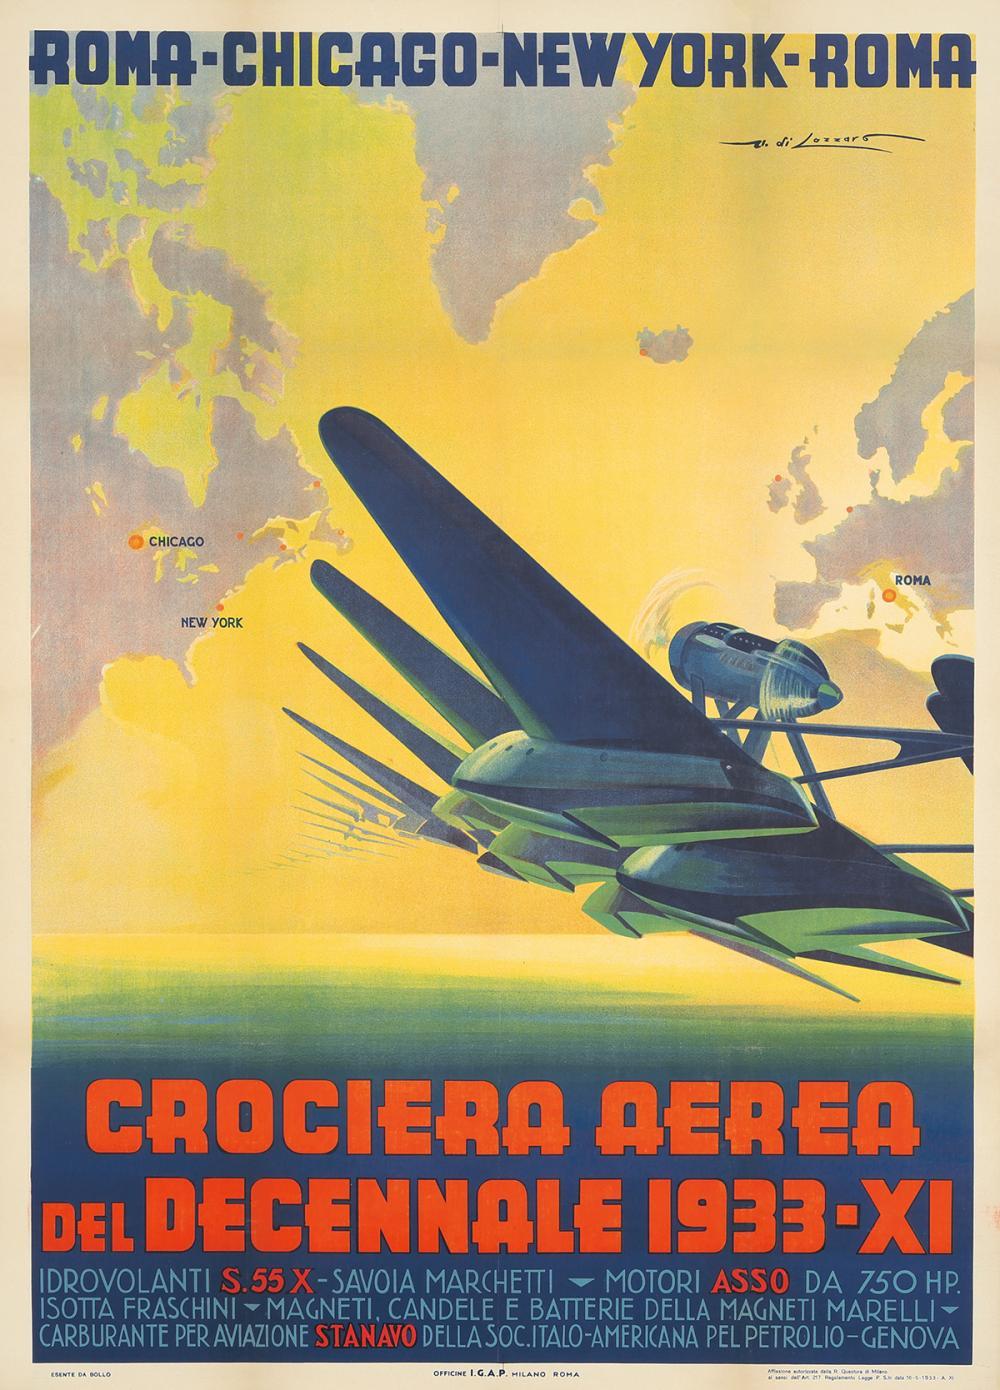 Crociera Aerea Decennale. 1933.